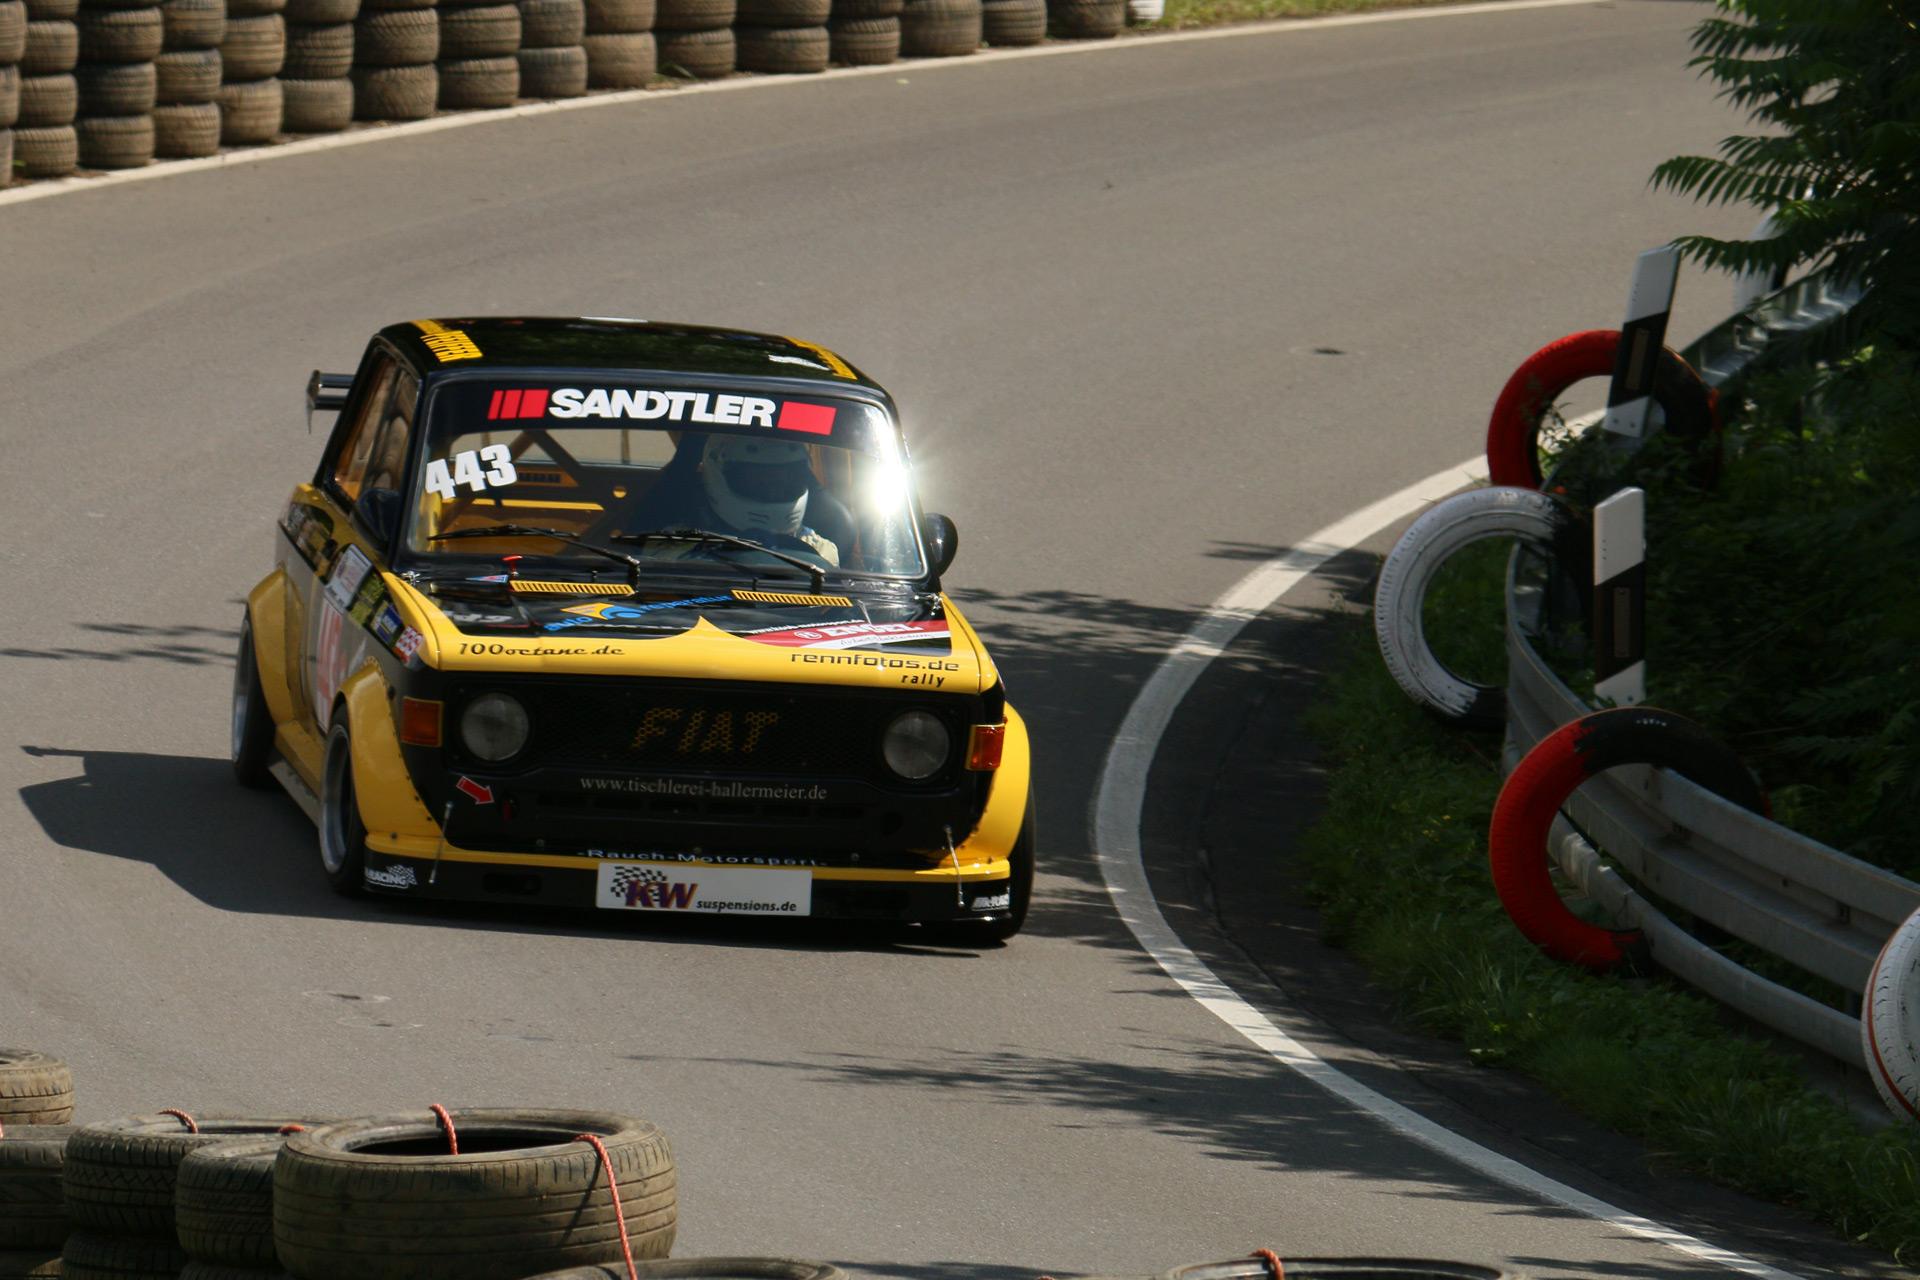 Für die 128 Rally genannte Version wurde eine 1290 cm³ große Ausführung entwickelt, die im italienischen Motorsport äußerst erfolgreich war.